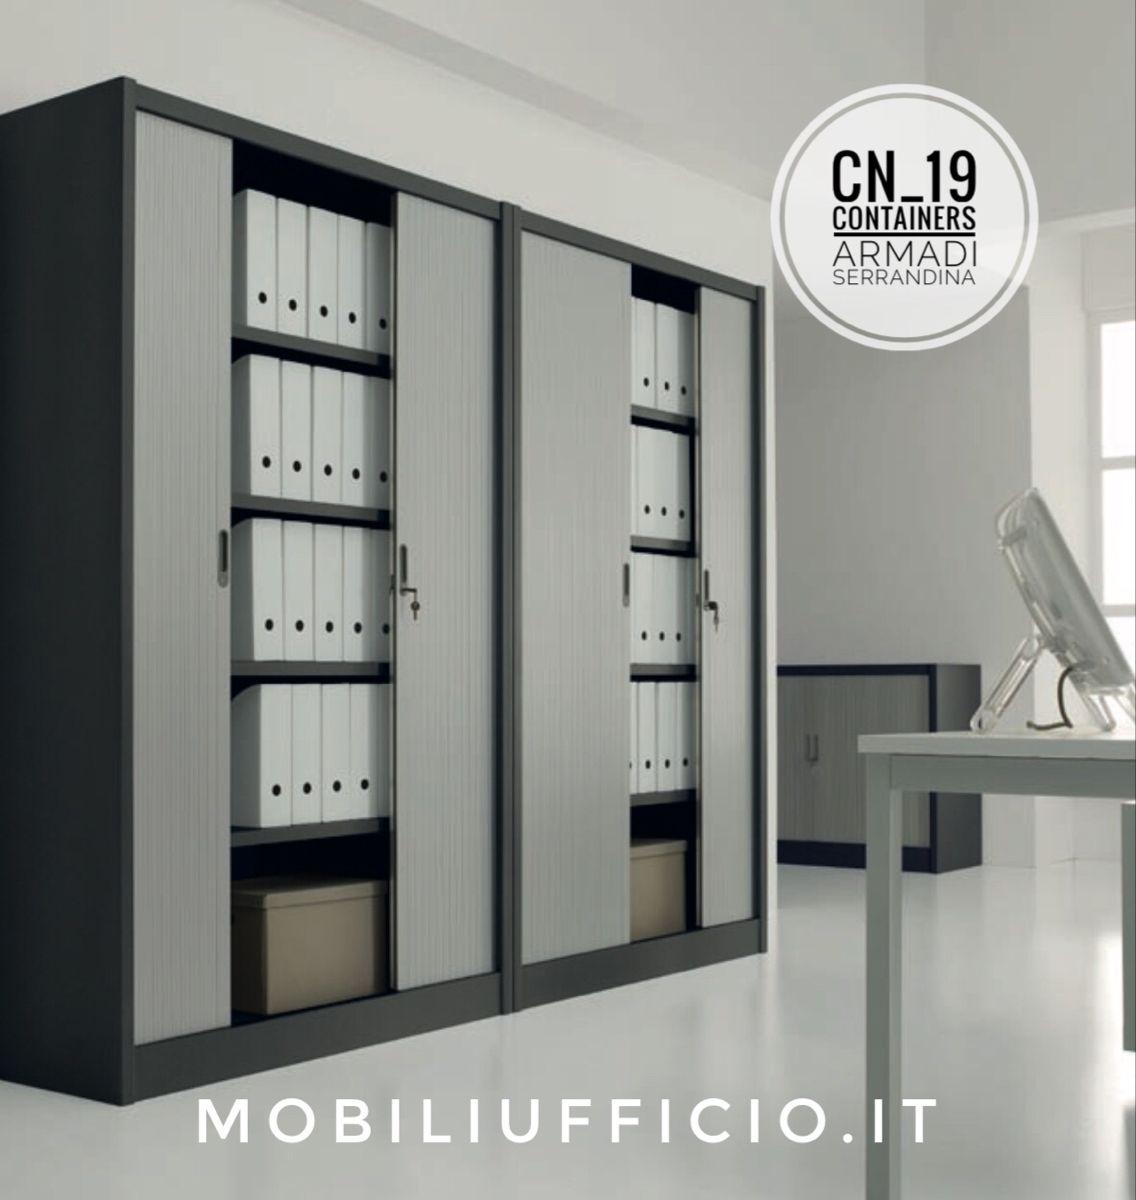 Armadio Metallico Per Ufficio.Cn 19 Armadioarchivio Containers Con Ante A Serrandina